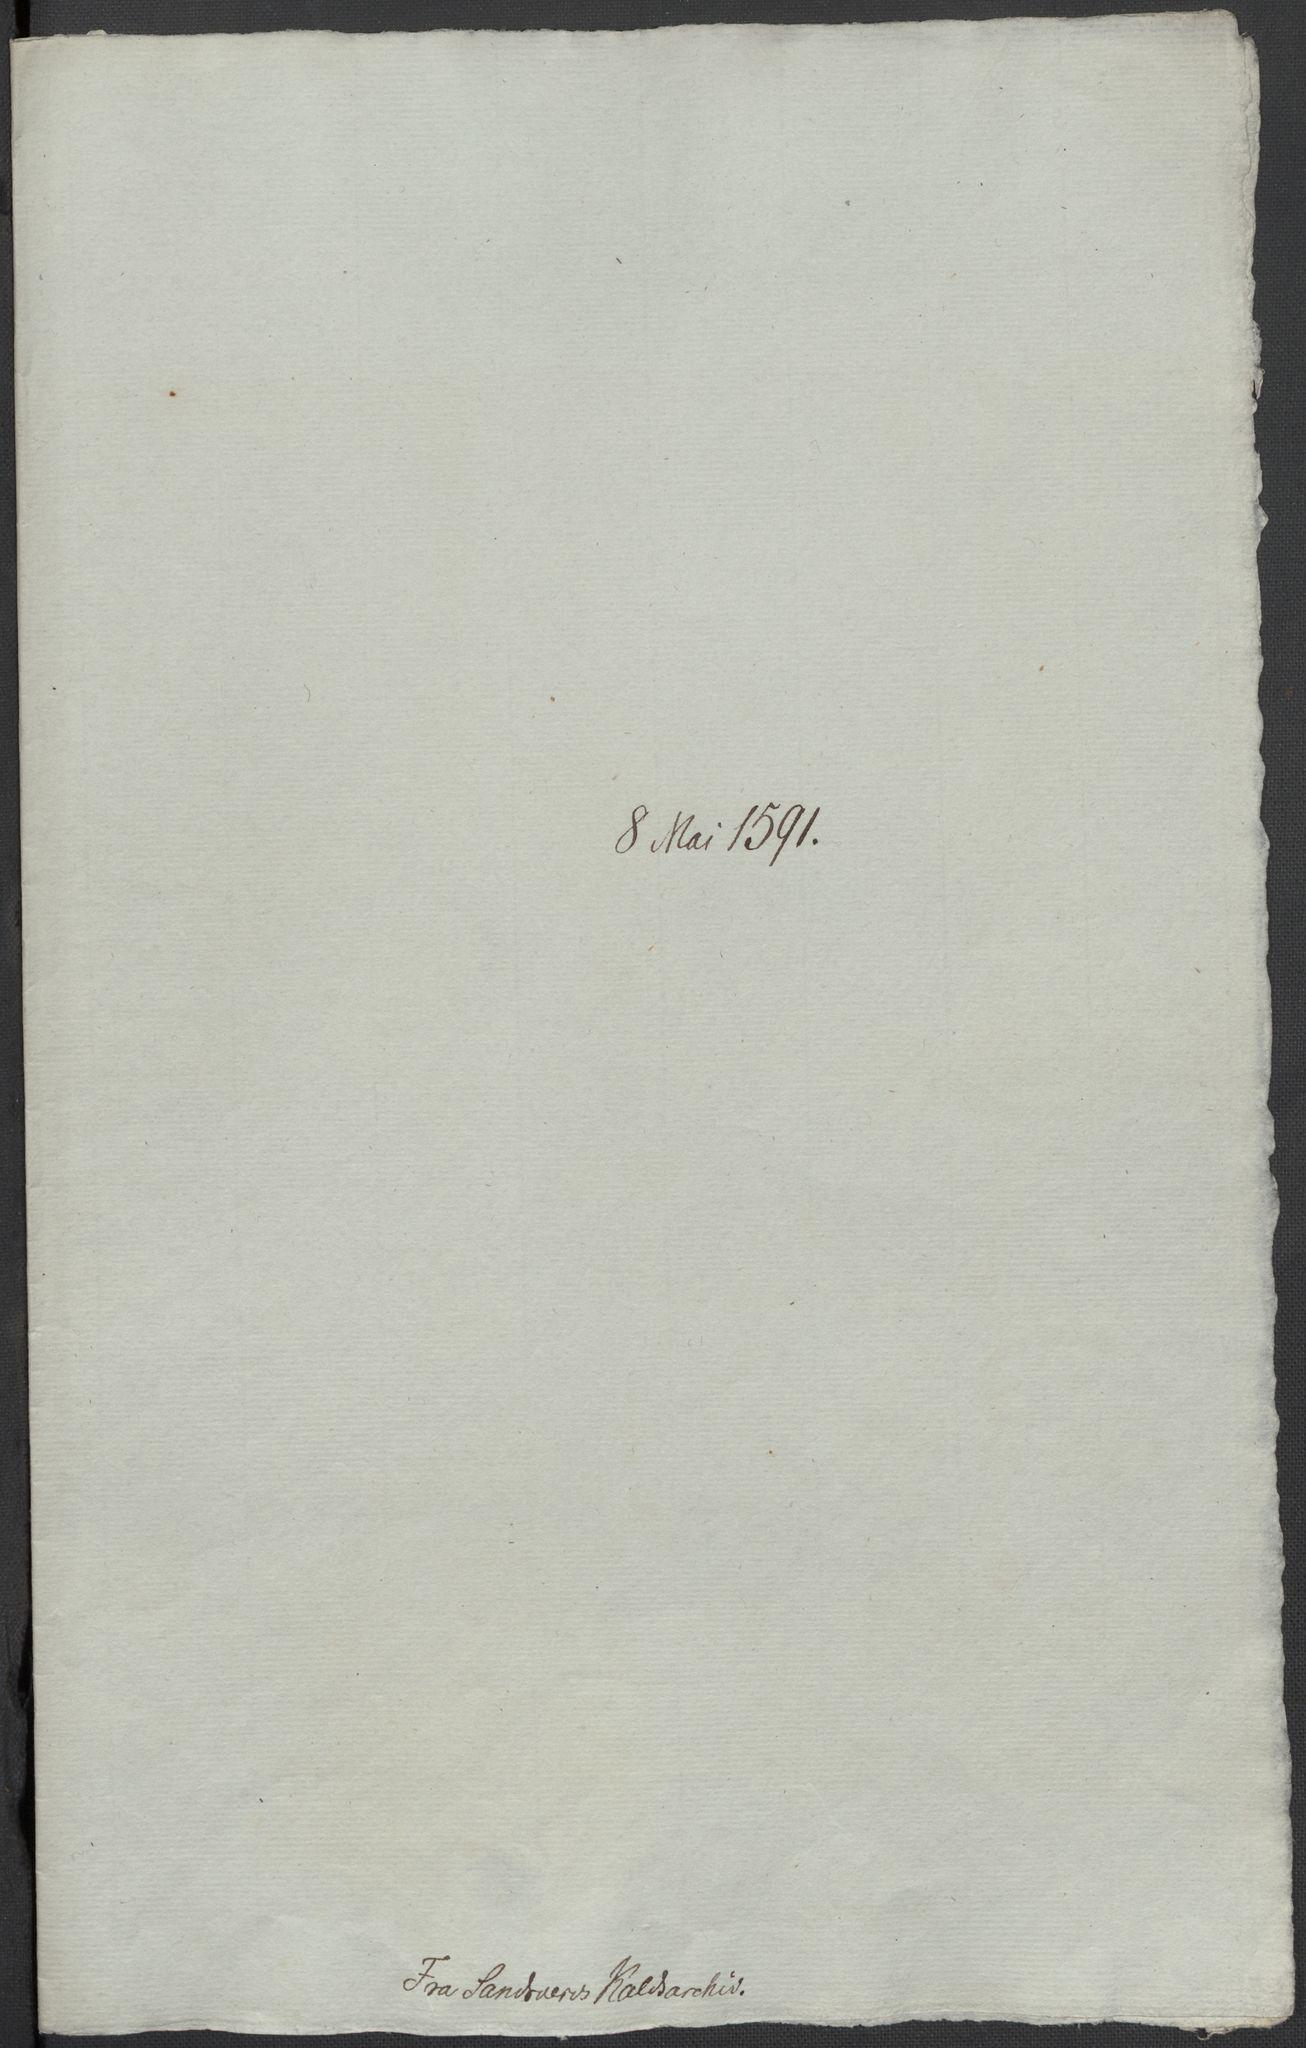 RA, Riksarkivets diplomsamling, F02/L0093: Dokumenter, 1591, s. 76